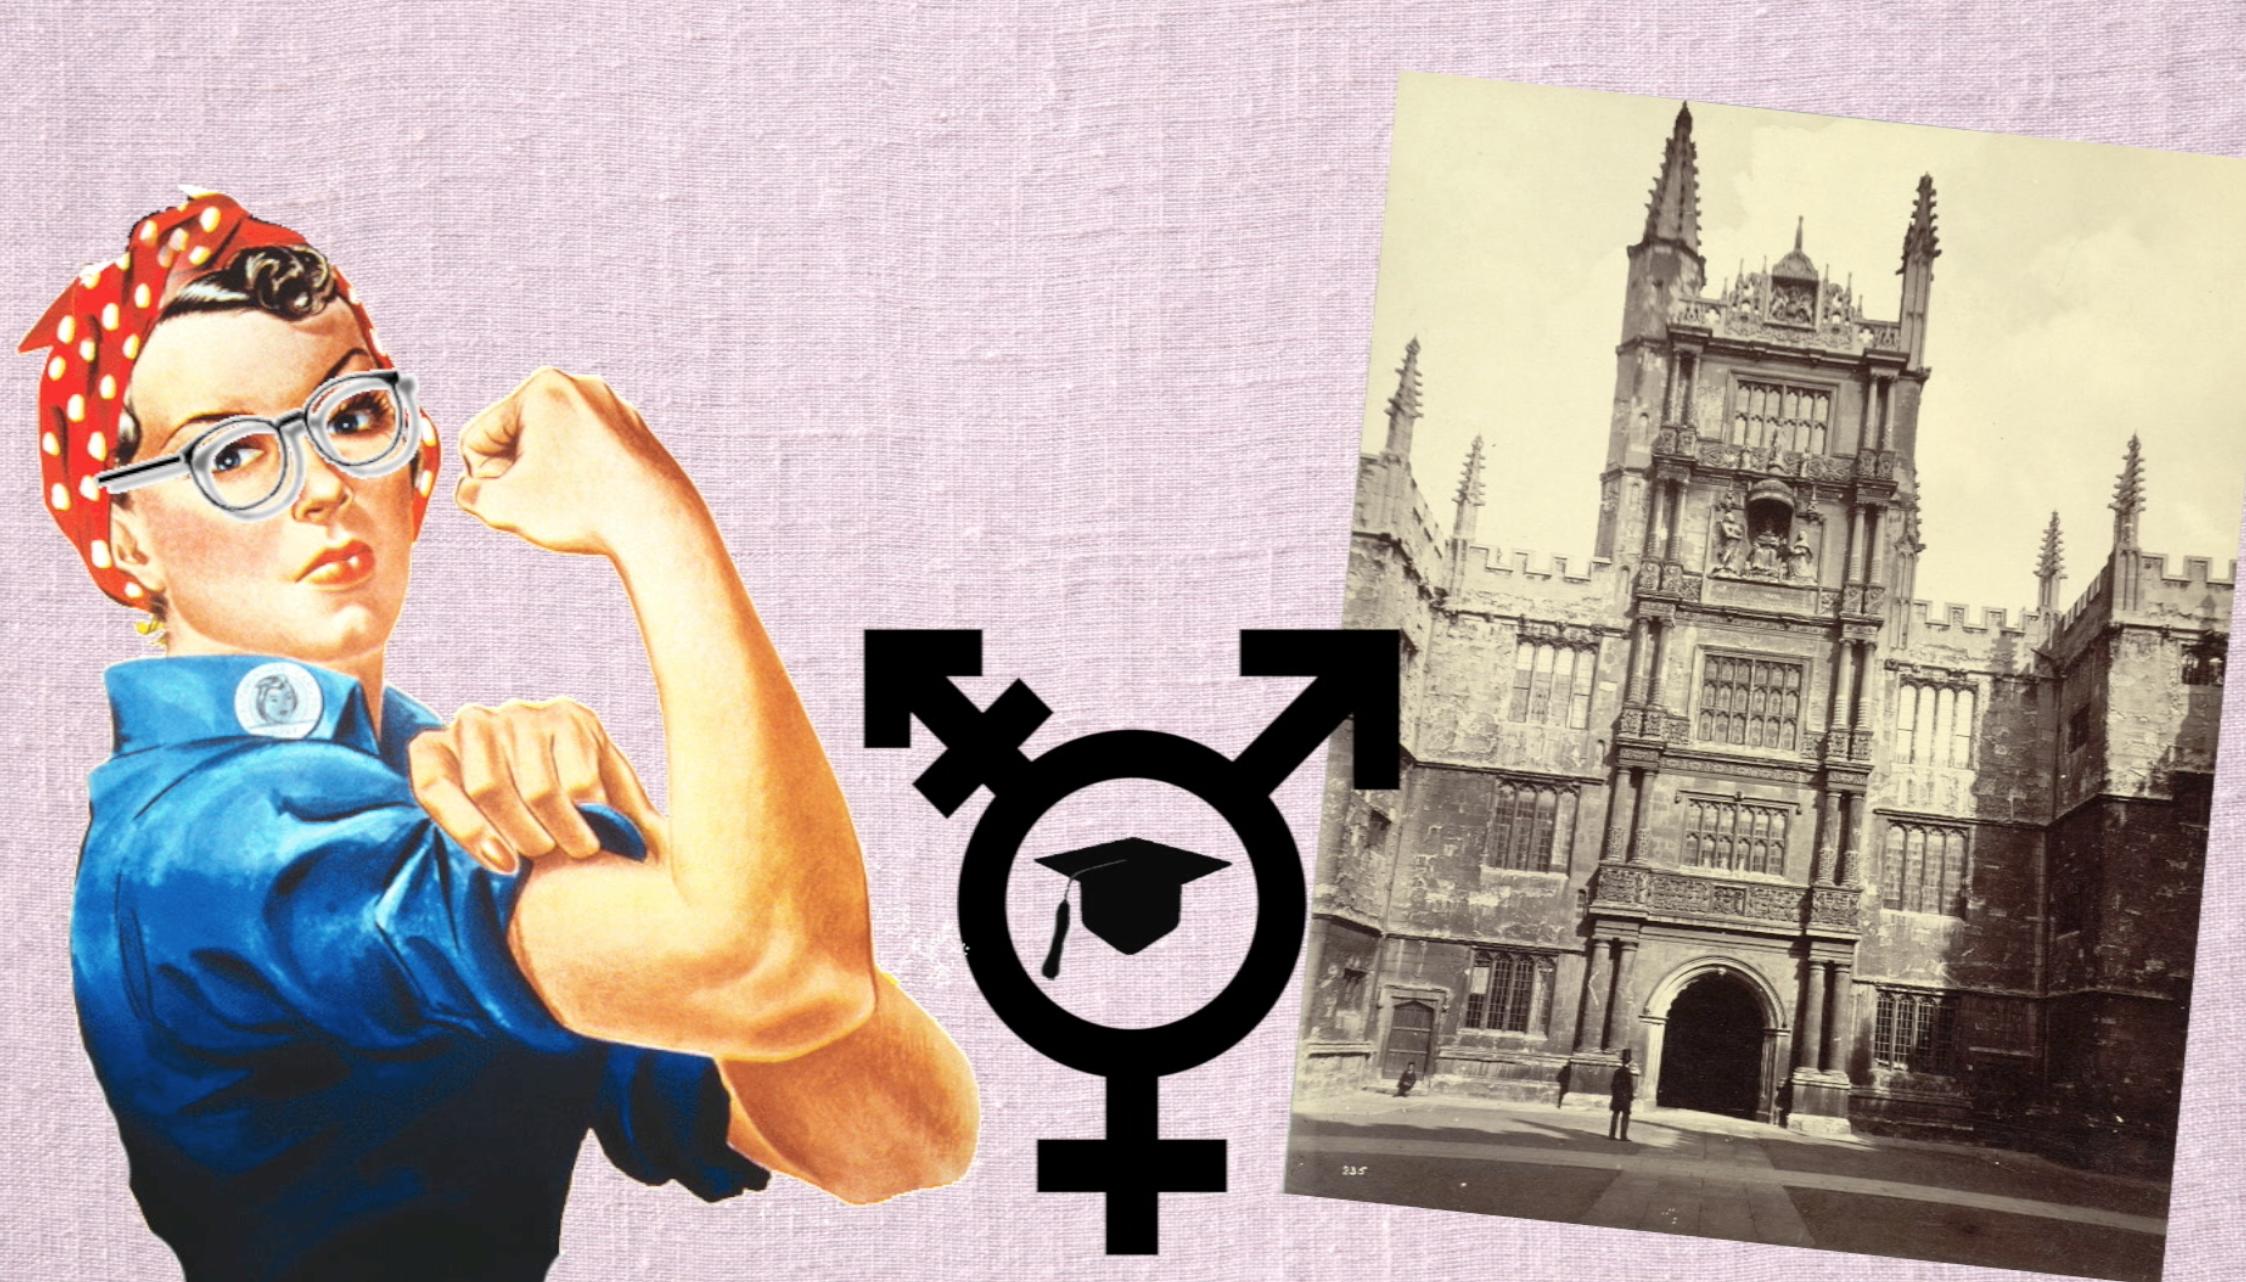 Alle hassen Gender Studies, Feminismus, Sabine Hark, Alice Schwarzer, Antigenderismus